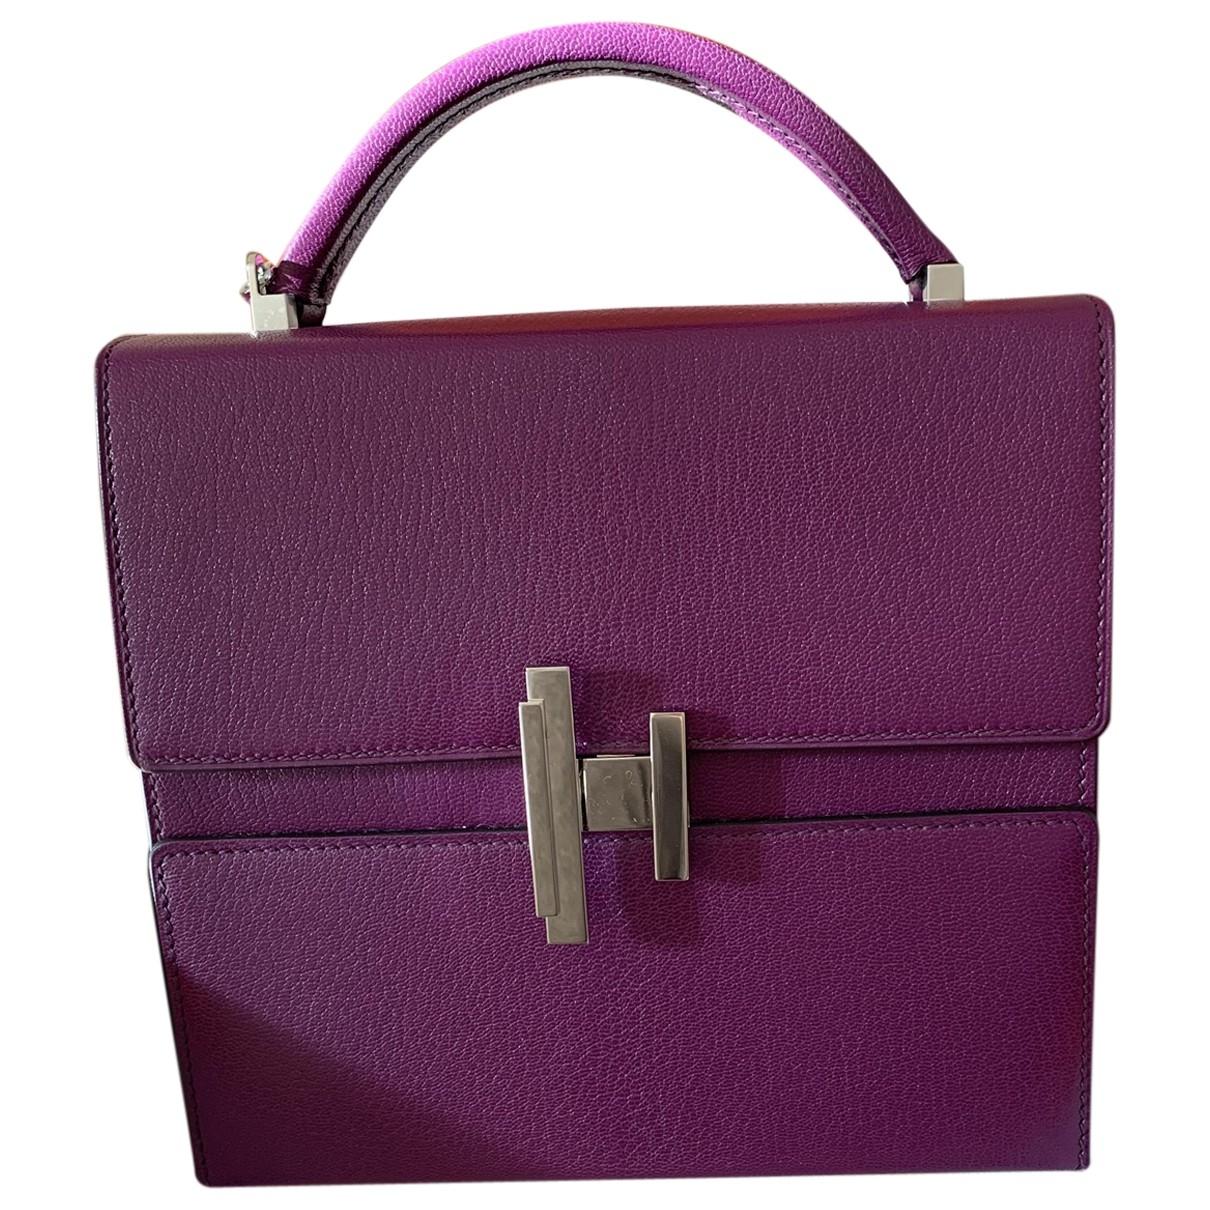 Hermes - Sac a main Cinhetic pour femme en cuir - violet